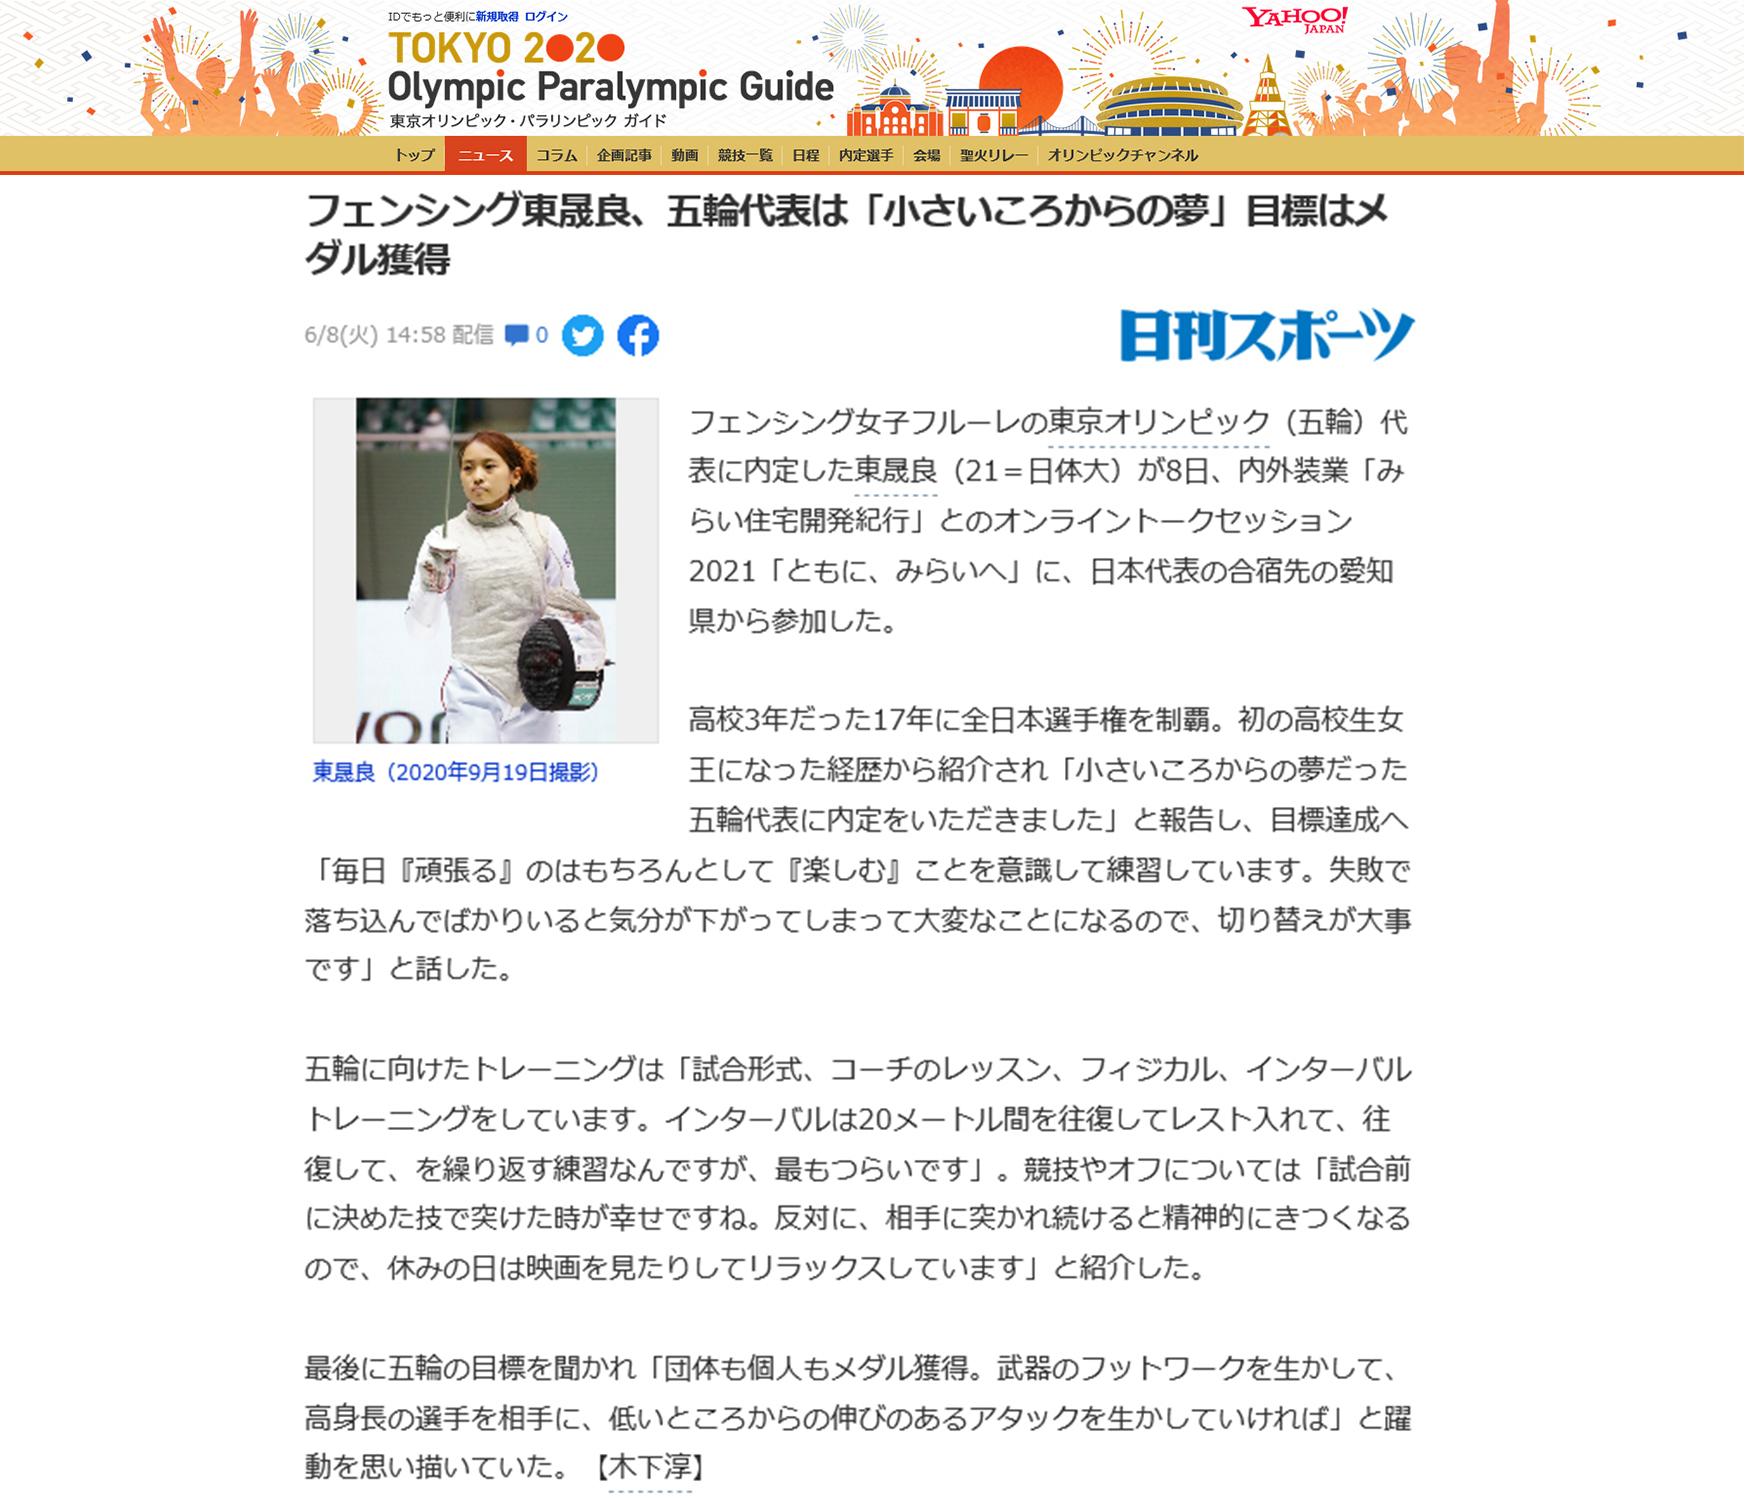 Yahoo!ニュースに掲載されました。(日刊スポーツ)